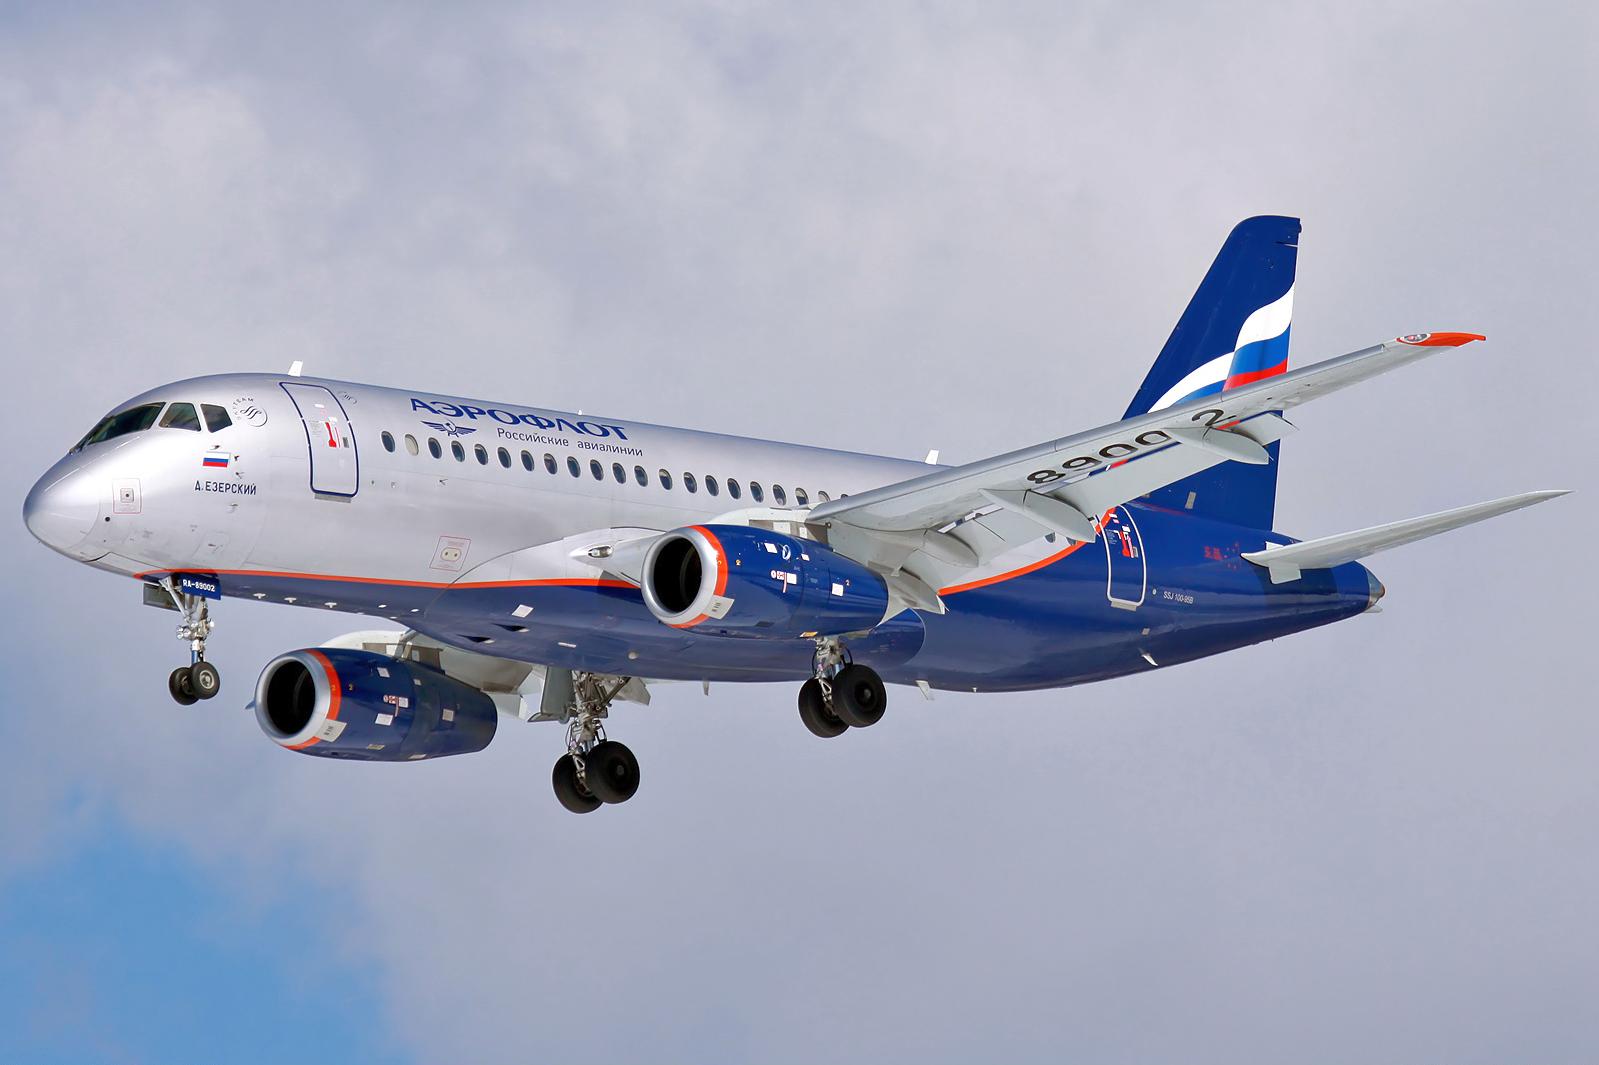 En Sukhoi Superjet 100 fra det russiske flyselskab Aeroflot. Foto: Dmitry Zherdin